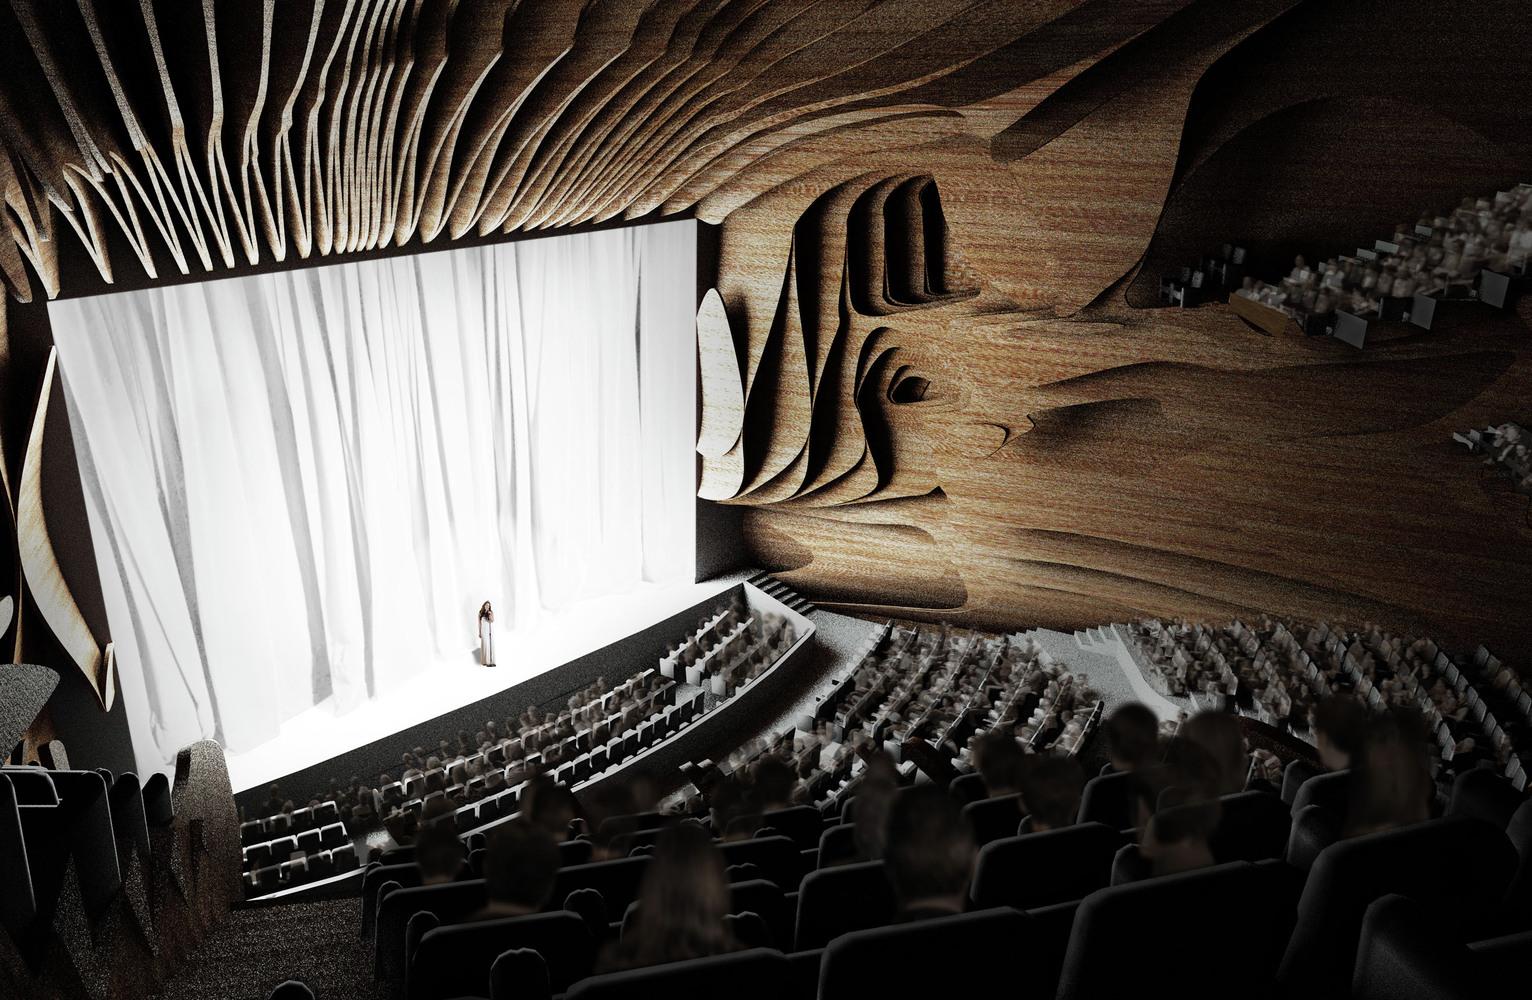 Anisotropia auditorium s